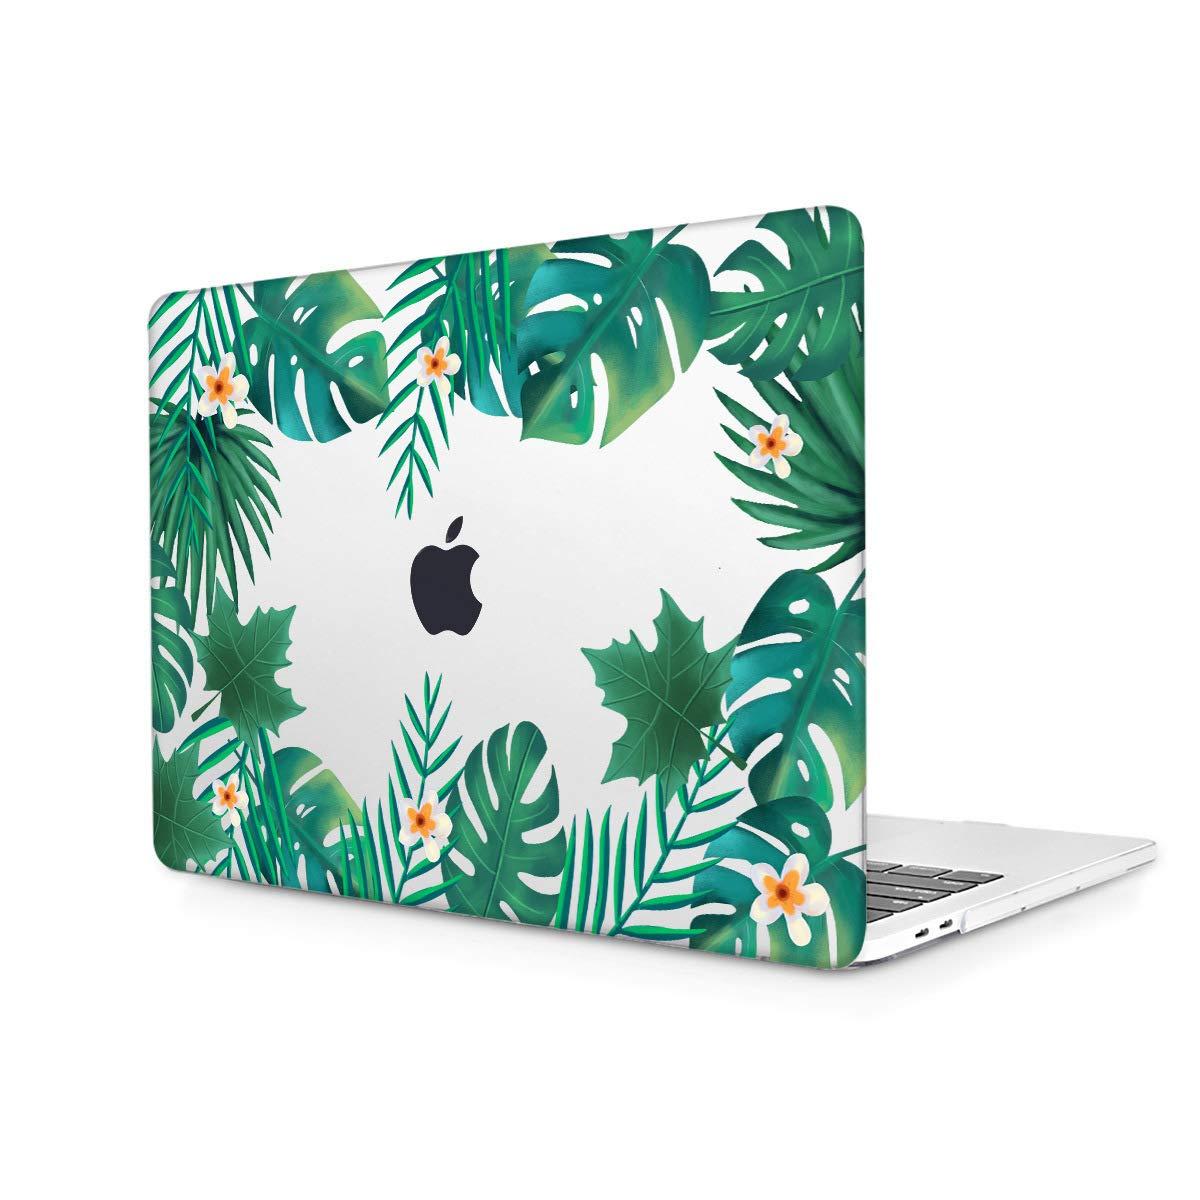 Funda Dura Carcasa para MacBook Air 11-11.6 Pulgadas A1465//A1370 Cebra Acuarela TwoL Carcasa MacBook Air 11